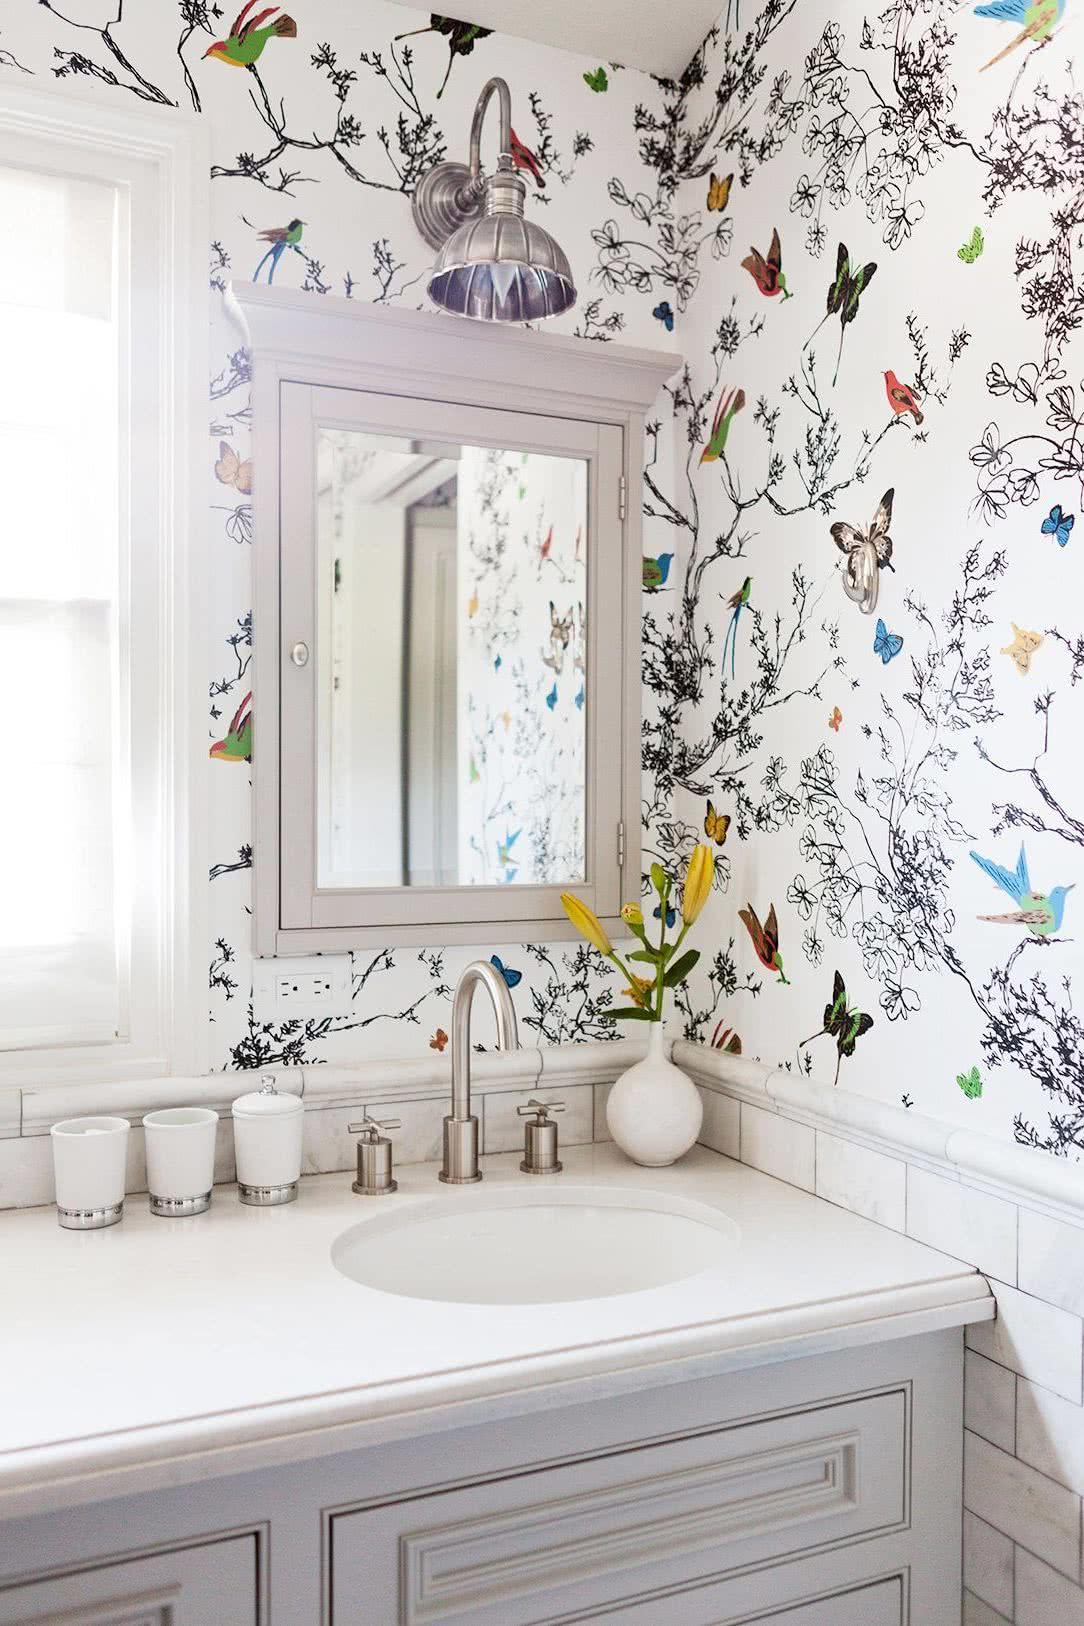 Décoration murale de salle de bain